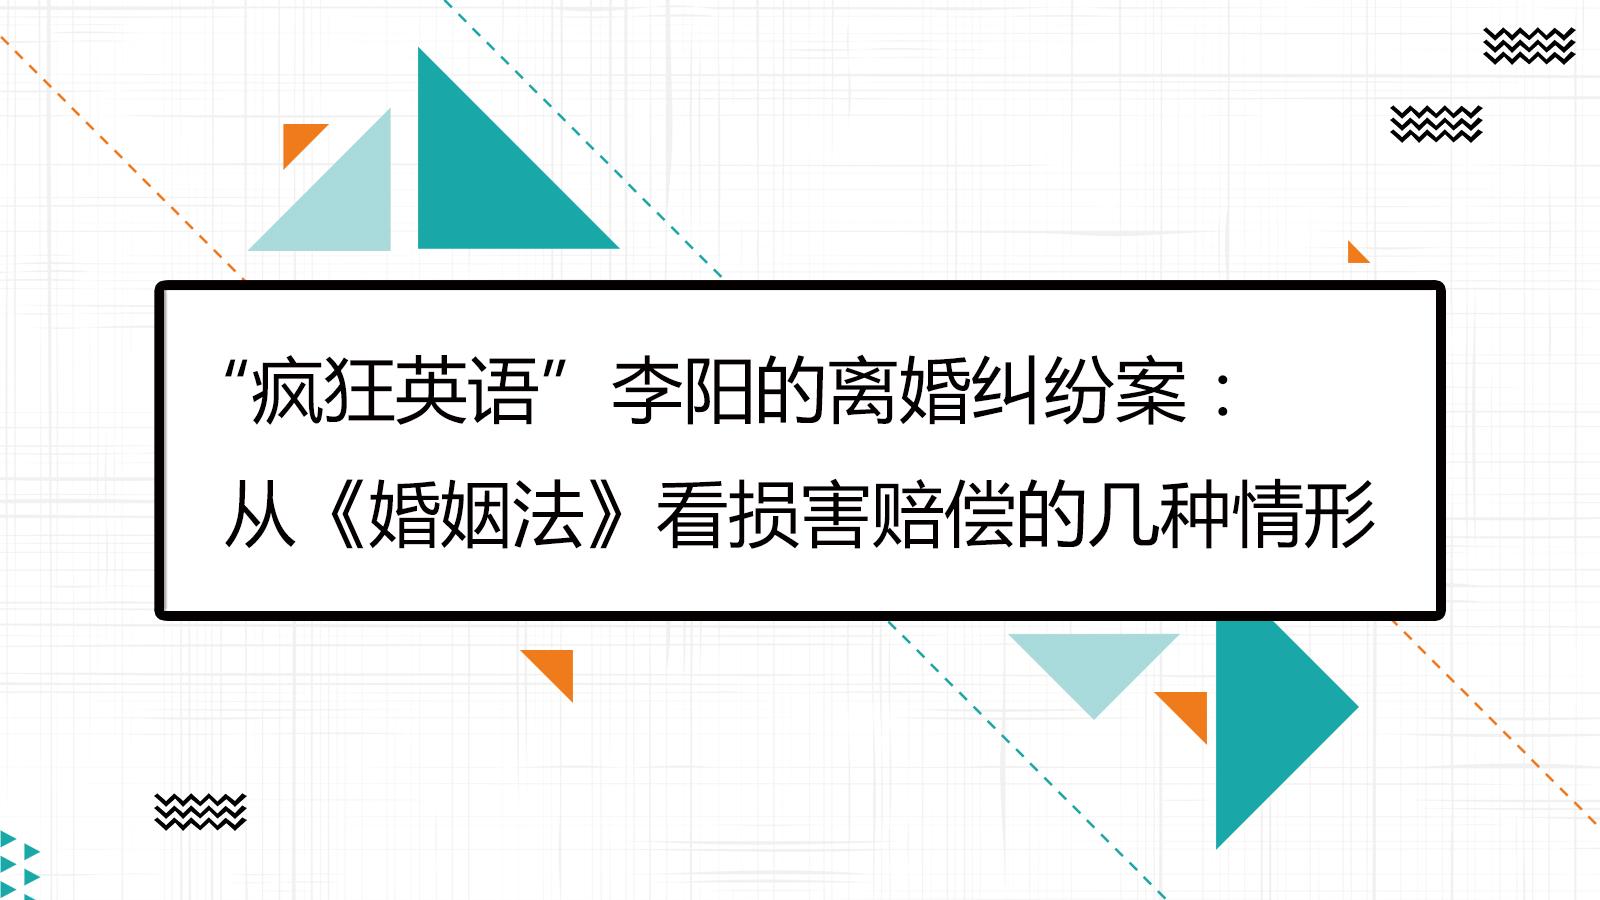 """""""疯狂英语""""李阳的离婚纠纷案:从《婚姻法》看损害赔偿的几种情形"""